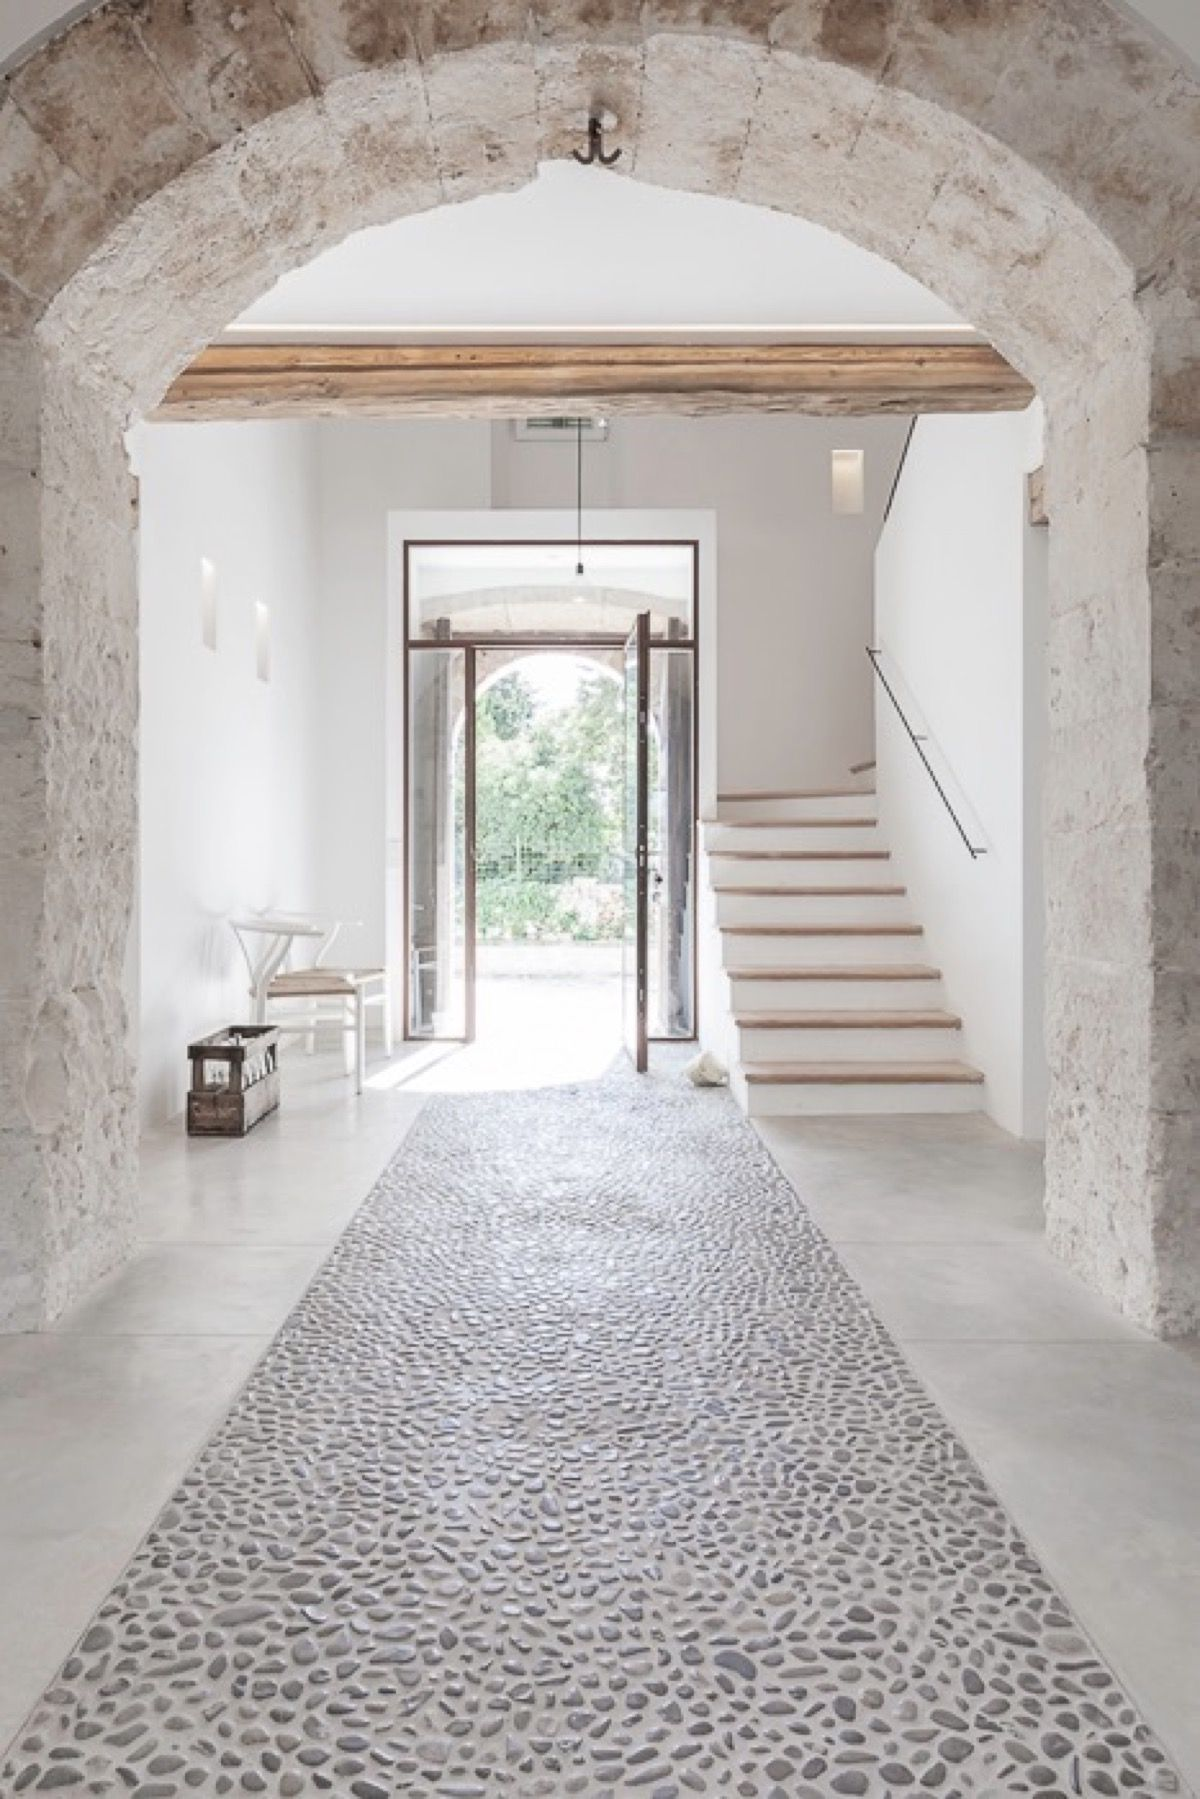 Tipos de suelo de piedra natural y consejos para su limpieza suelos pinterest casas - Piedra natural para interiores ...